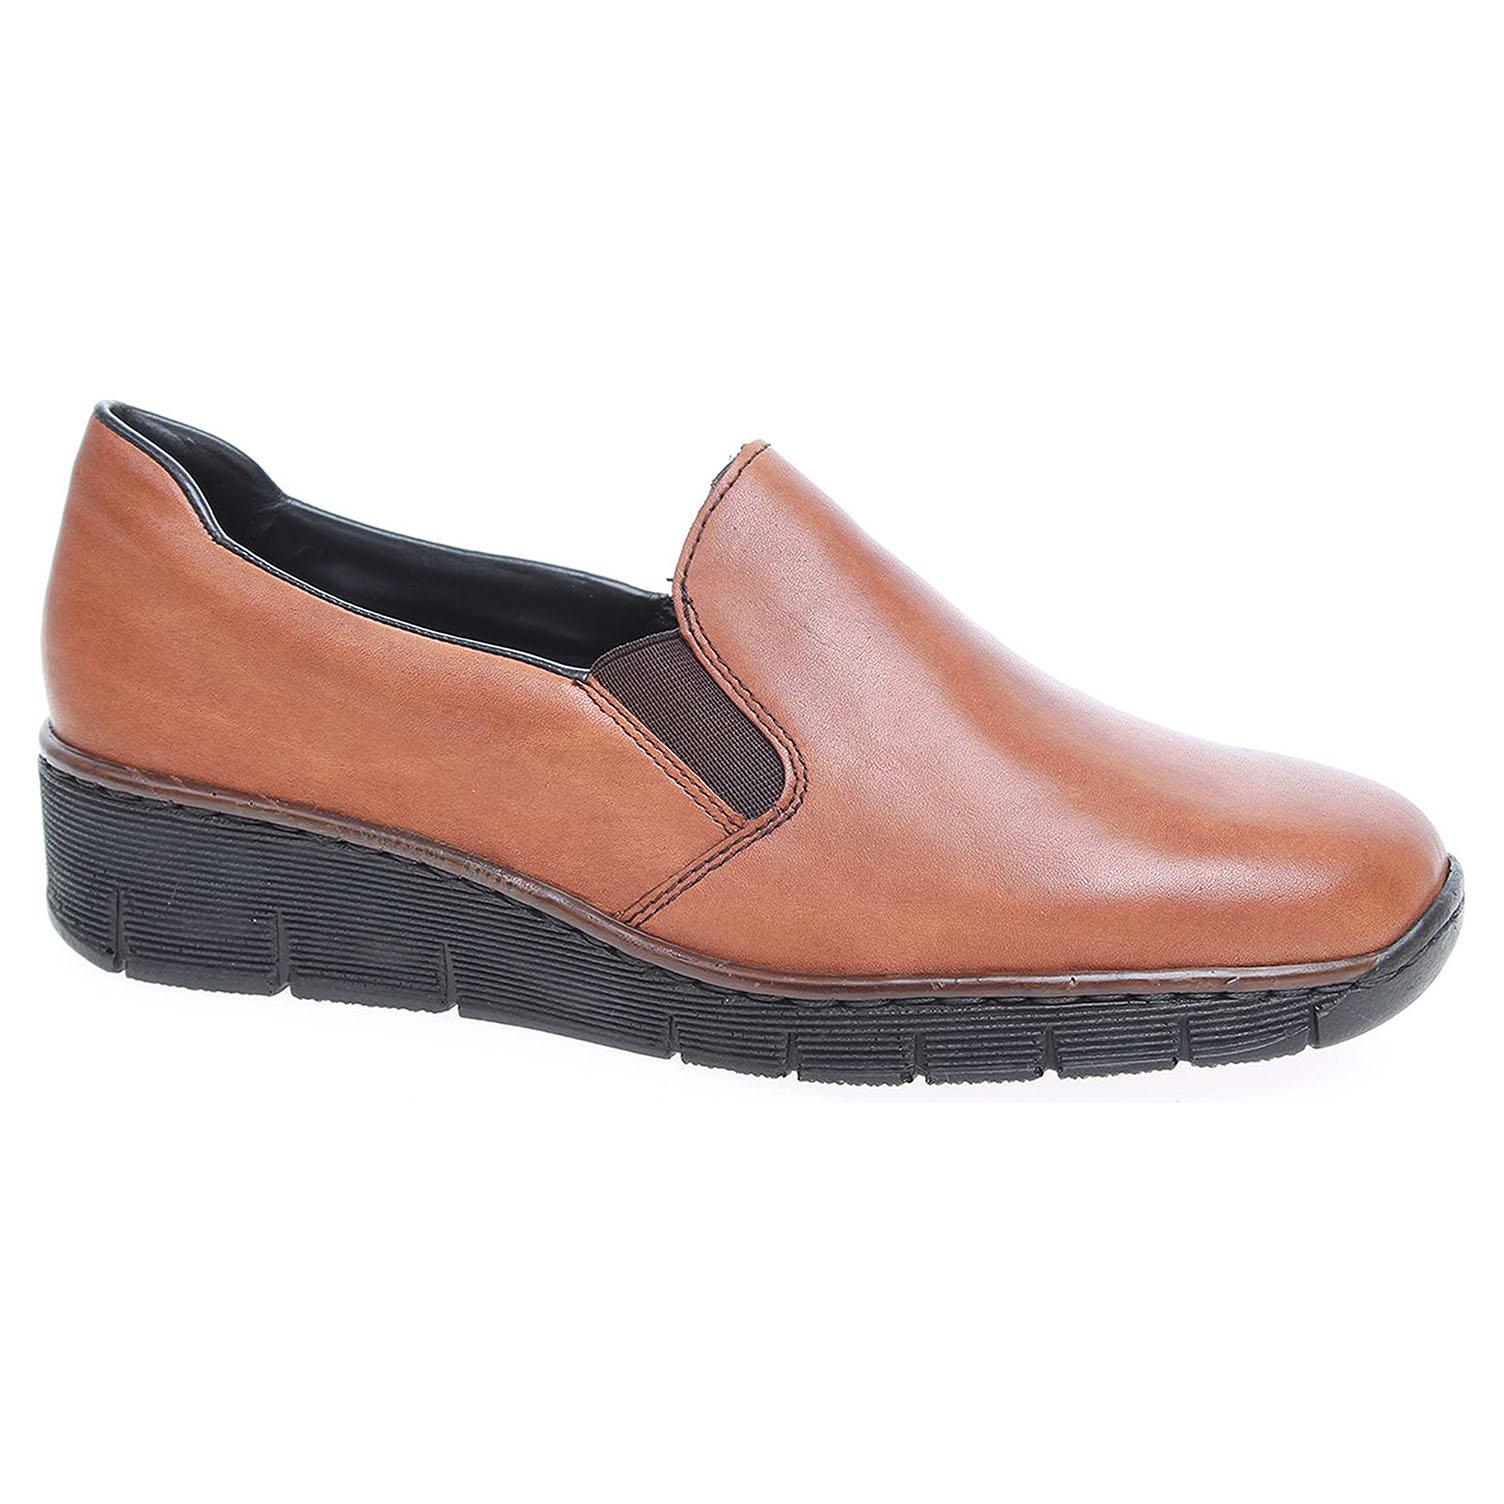 0230643d596f9 Dámske mokasiny Rieker 53766-24 hnědé   REJNOK obuv